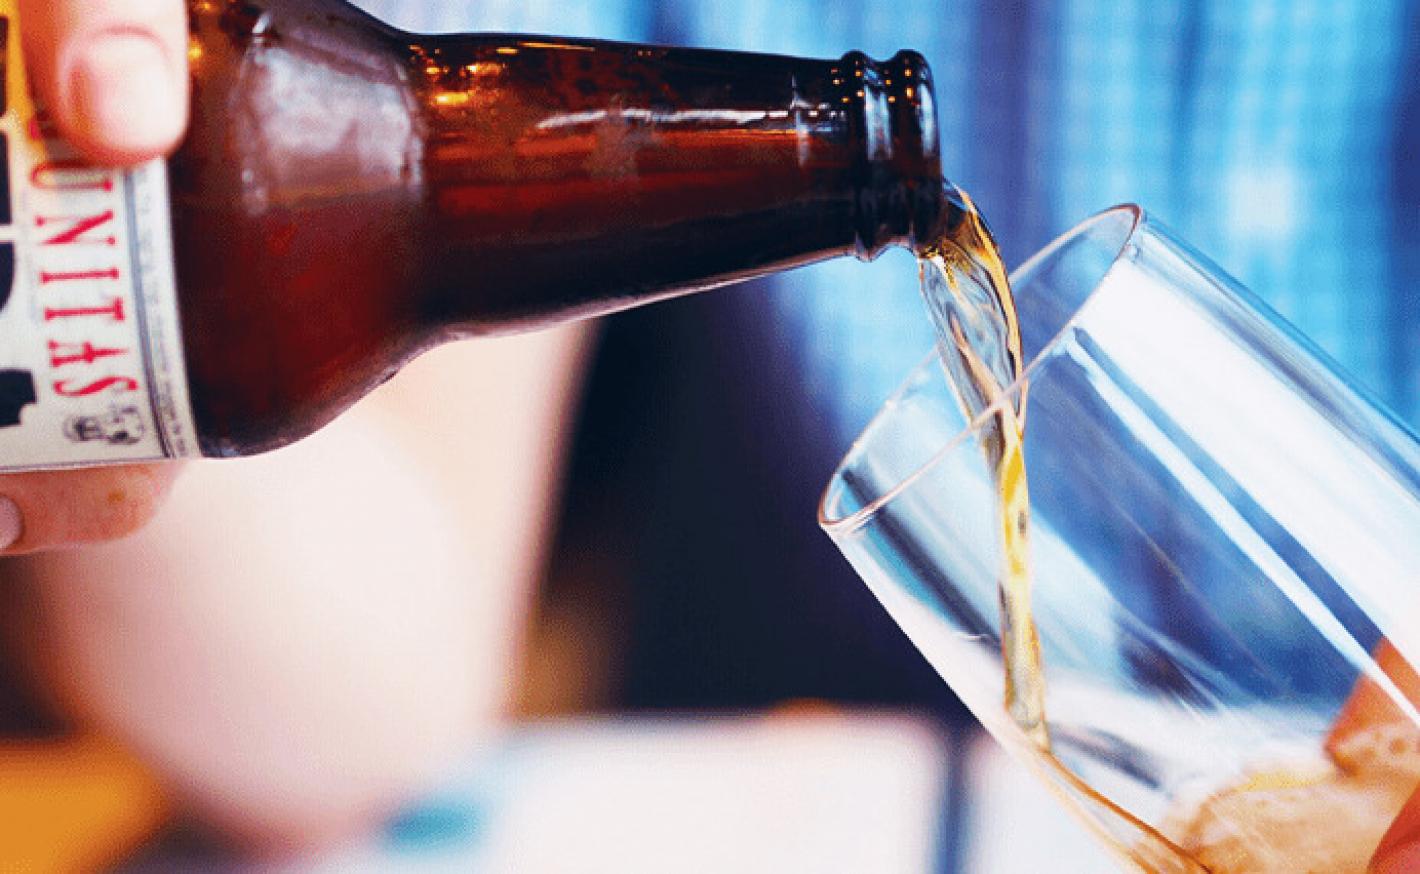 Marcas de cerveja brasileira: Guia rápido